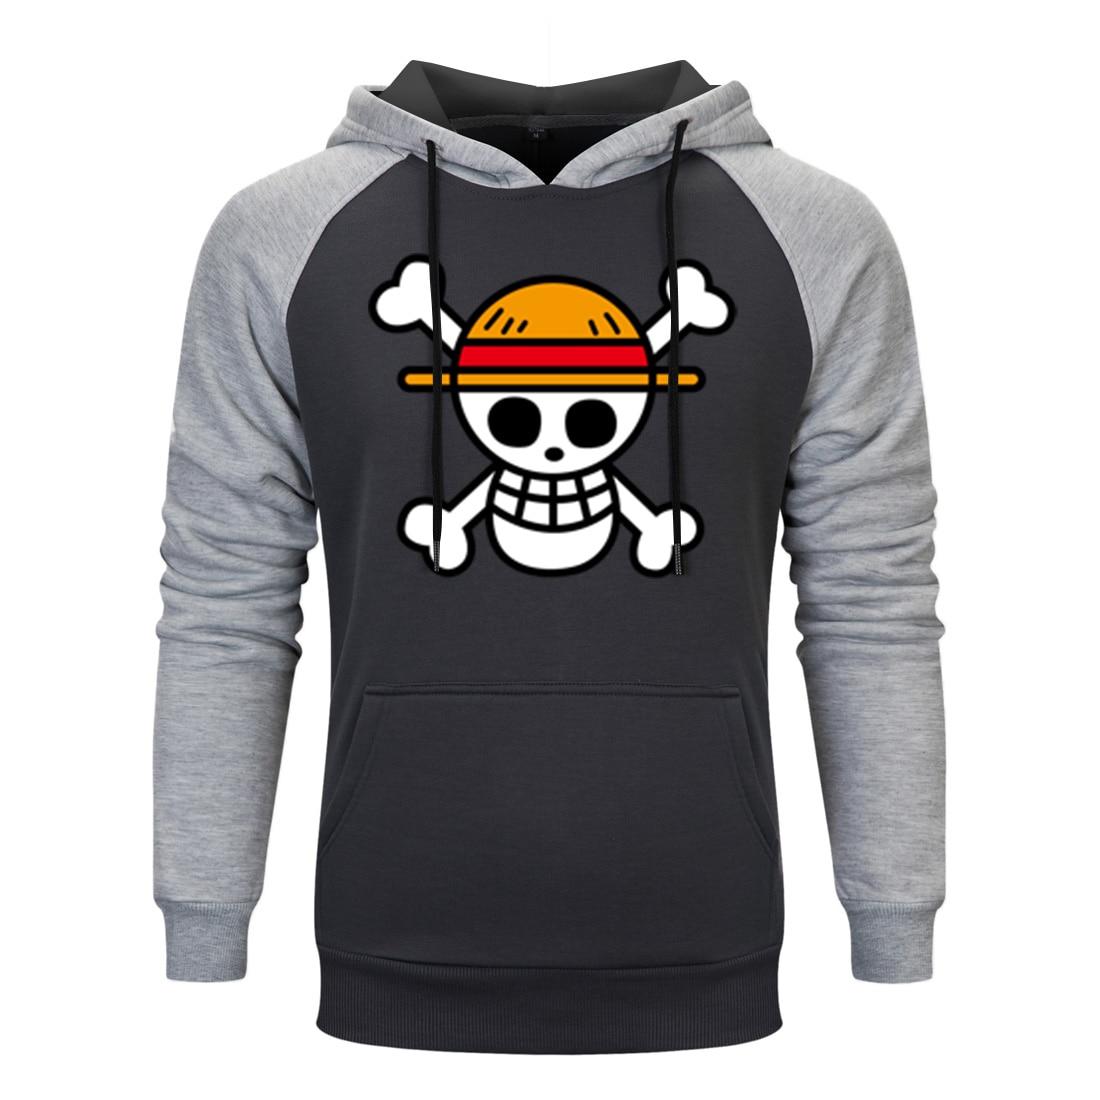 Anime One Piece Mens Hooded Hoodies 2020 spring autumn Hoodie Pullover Funny Skull Luffy print Hoody cool Streetwear Sweatshirt